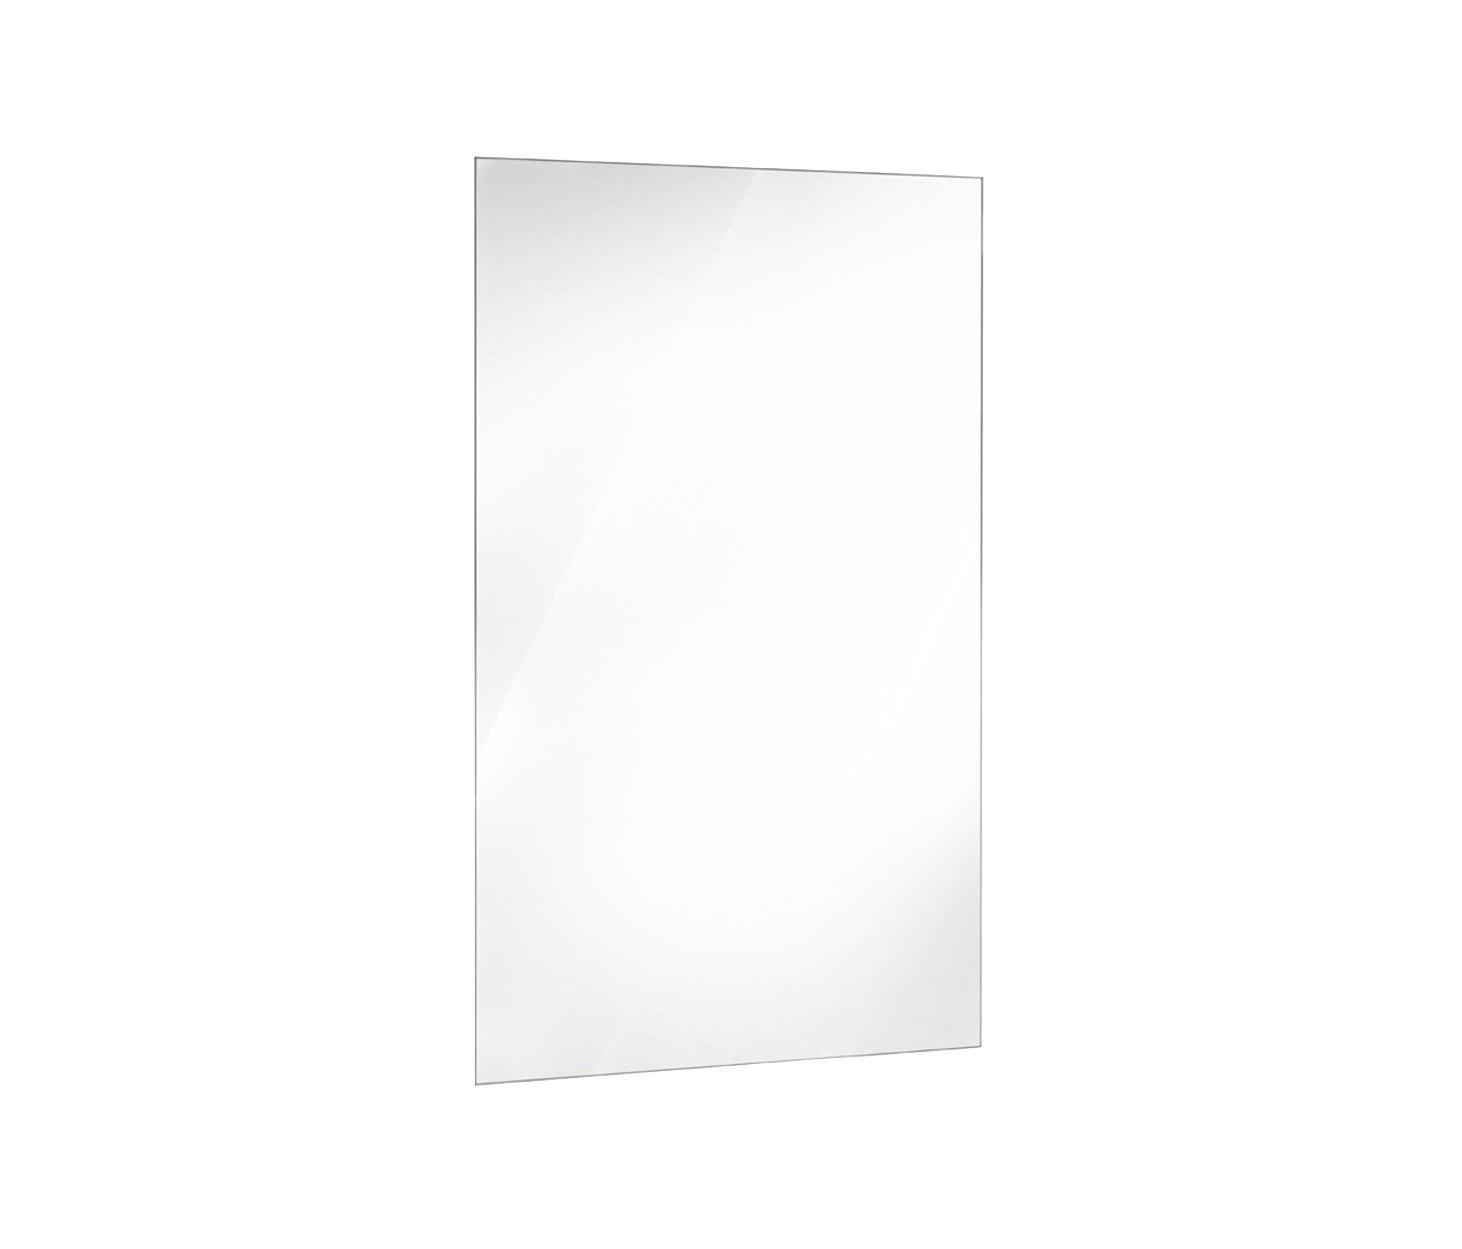 Accessori bagno classici specchi da parete fir italia architonic for Accessori bagno classici